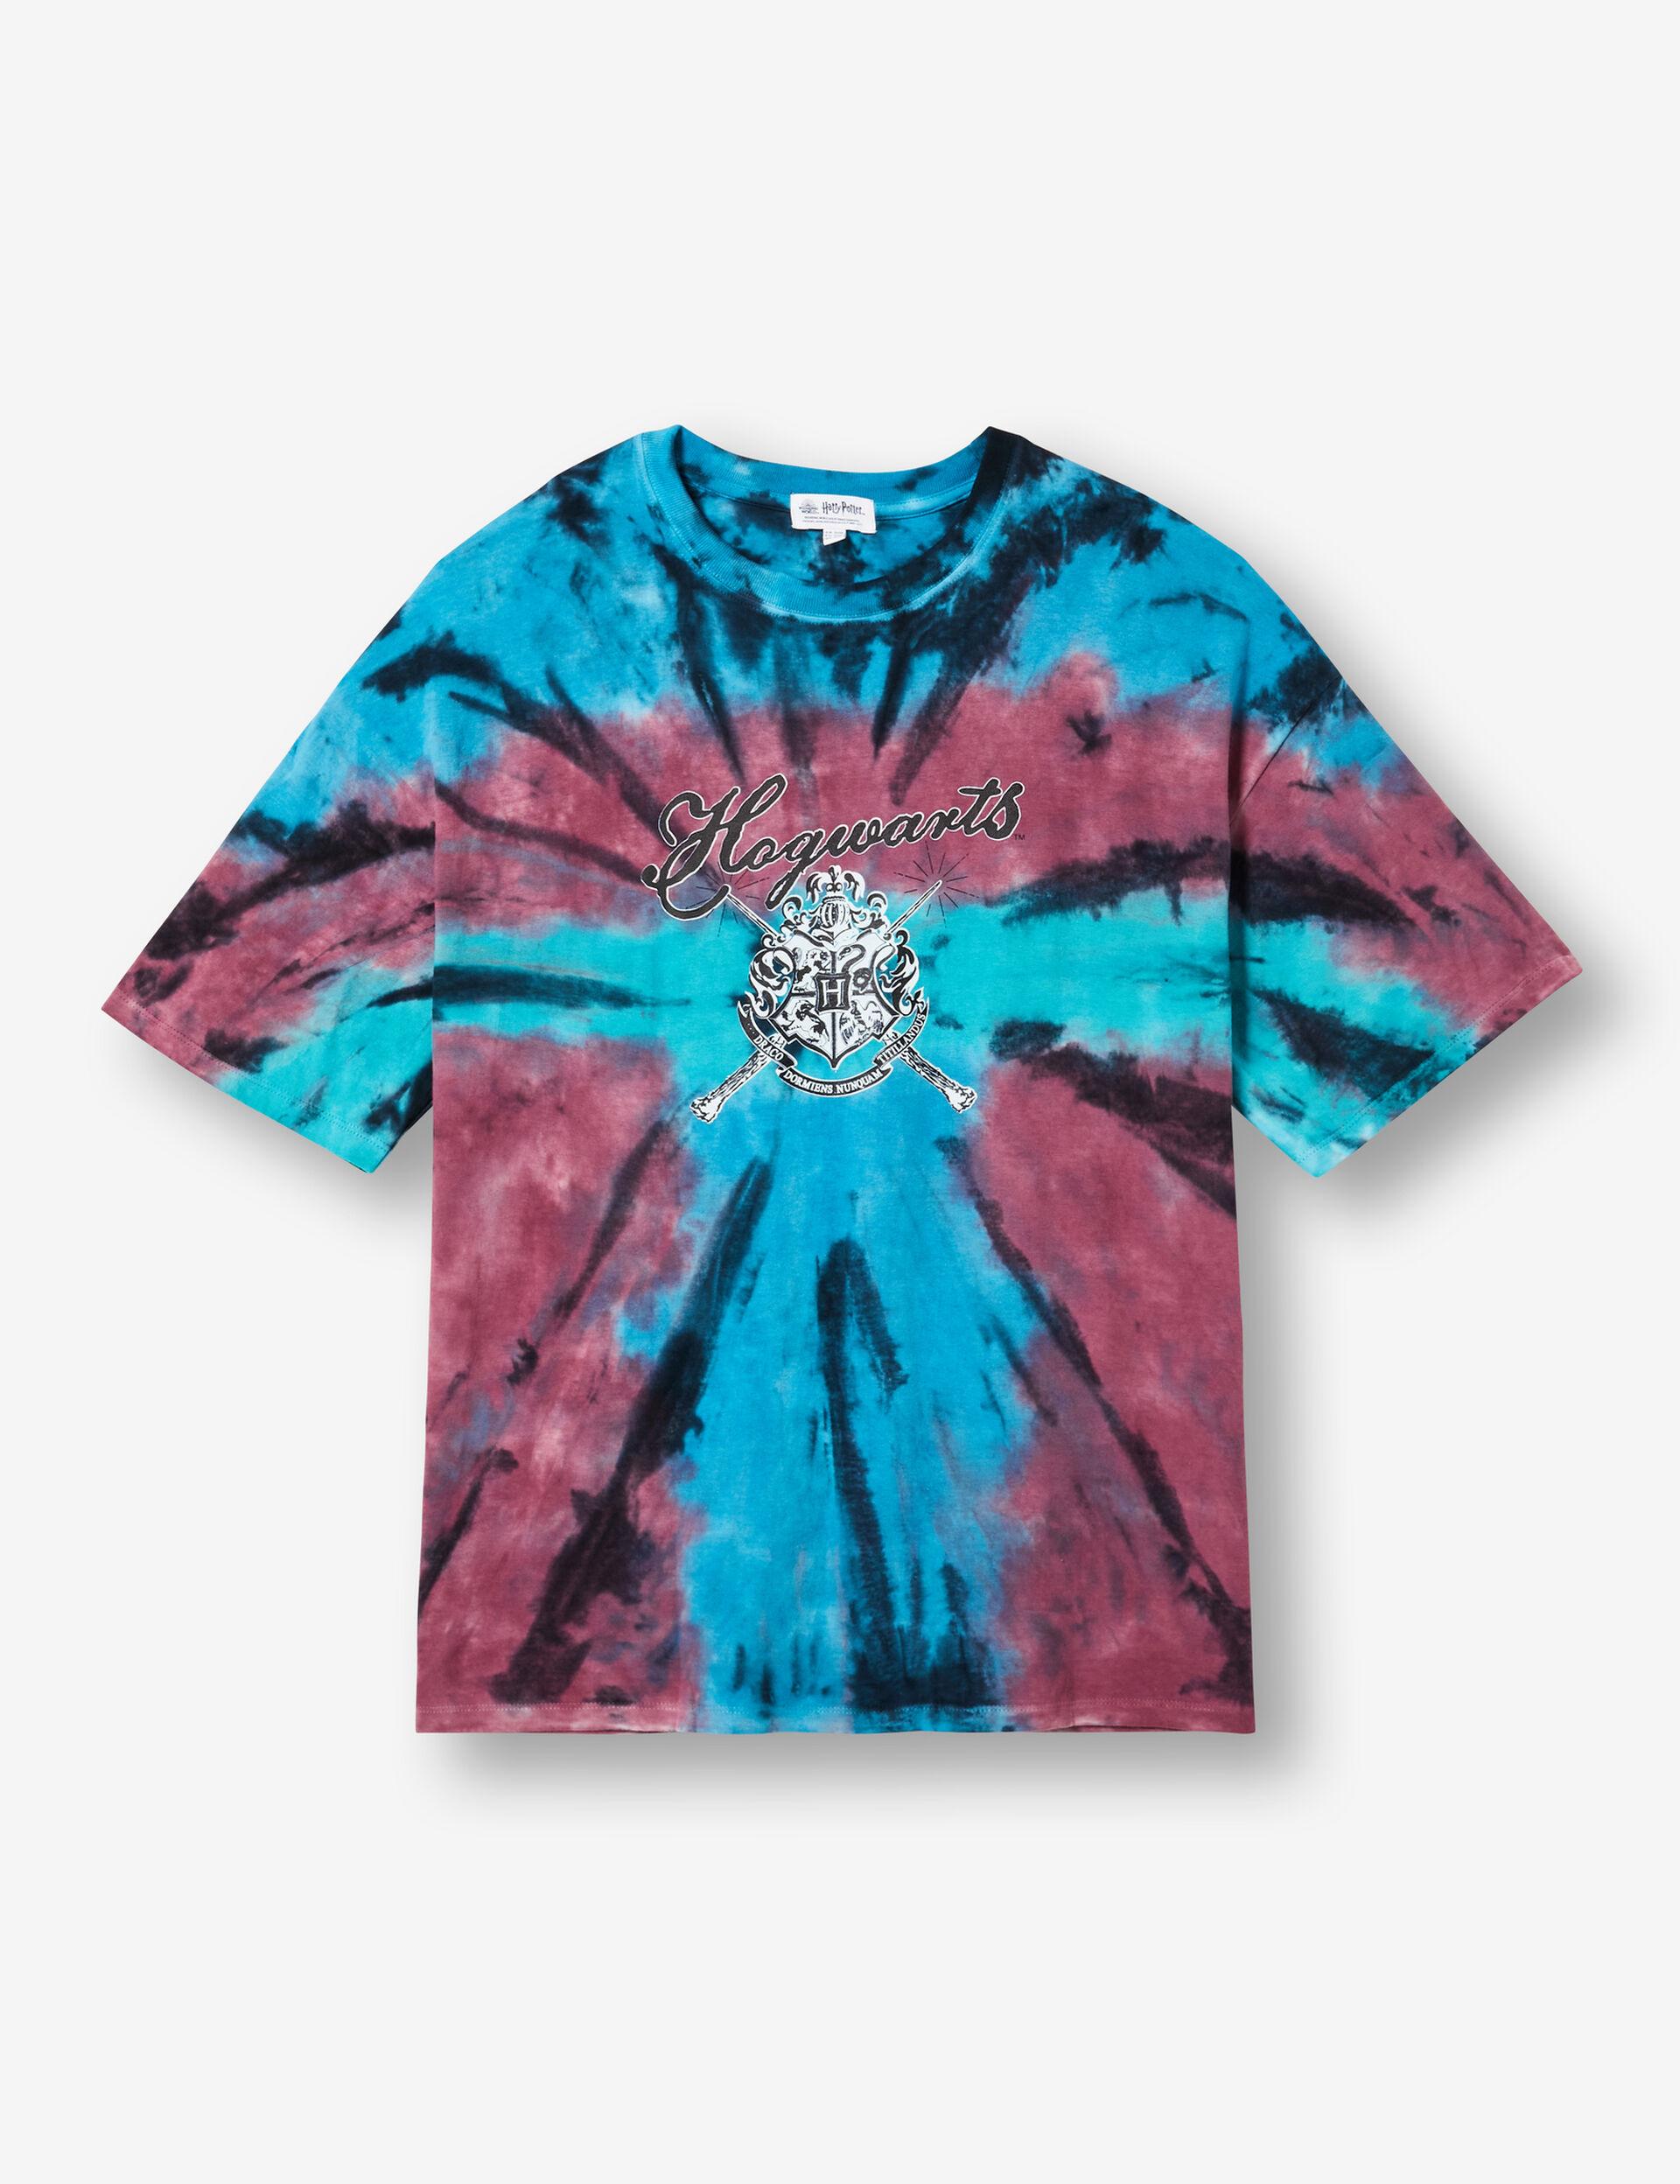 Harry Potter tie-dye T-shirt